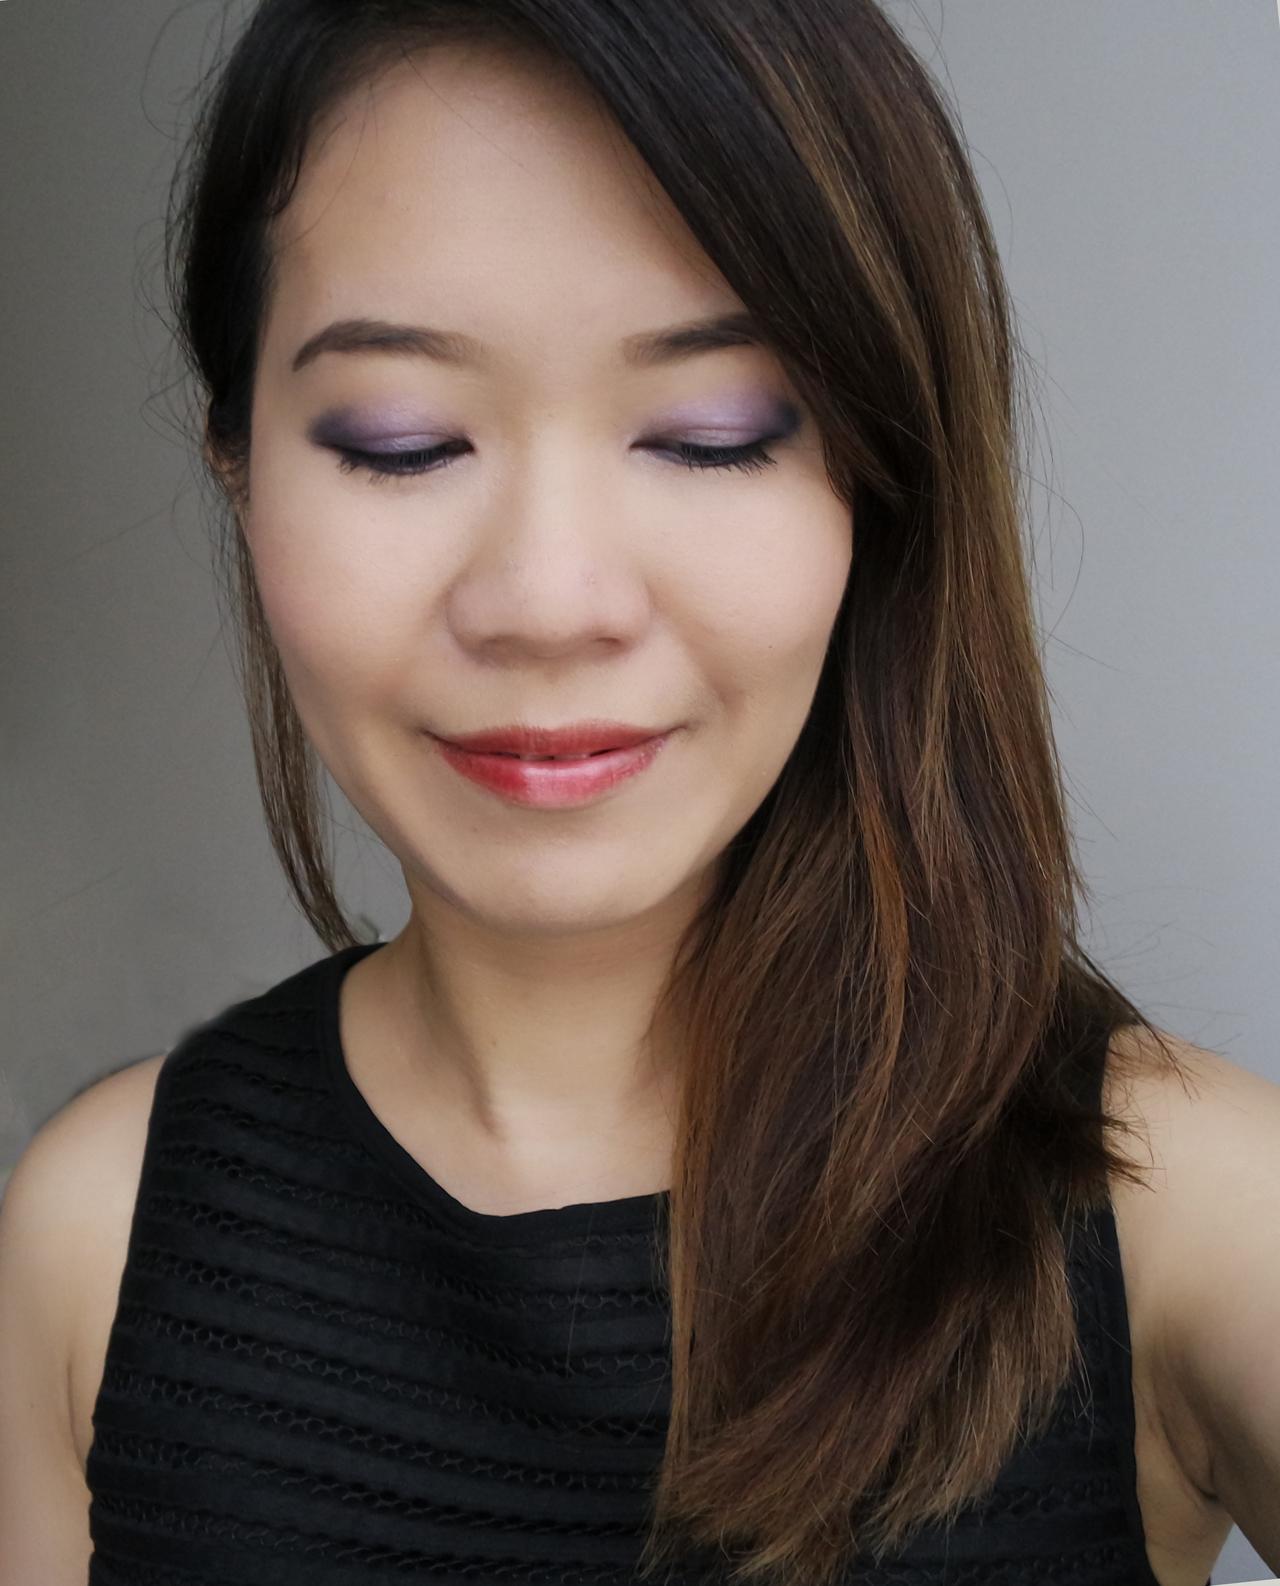 Takashi Murakami Shu Uemura Cosmicool Eye and Cheek Palette makeup look